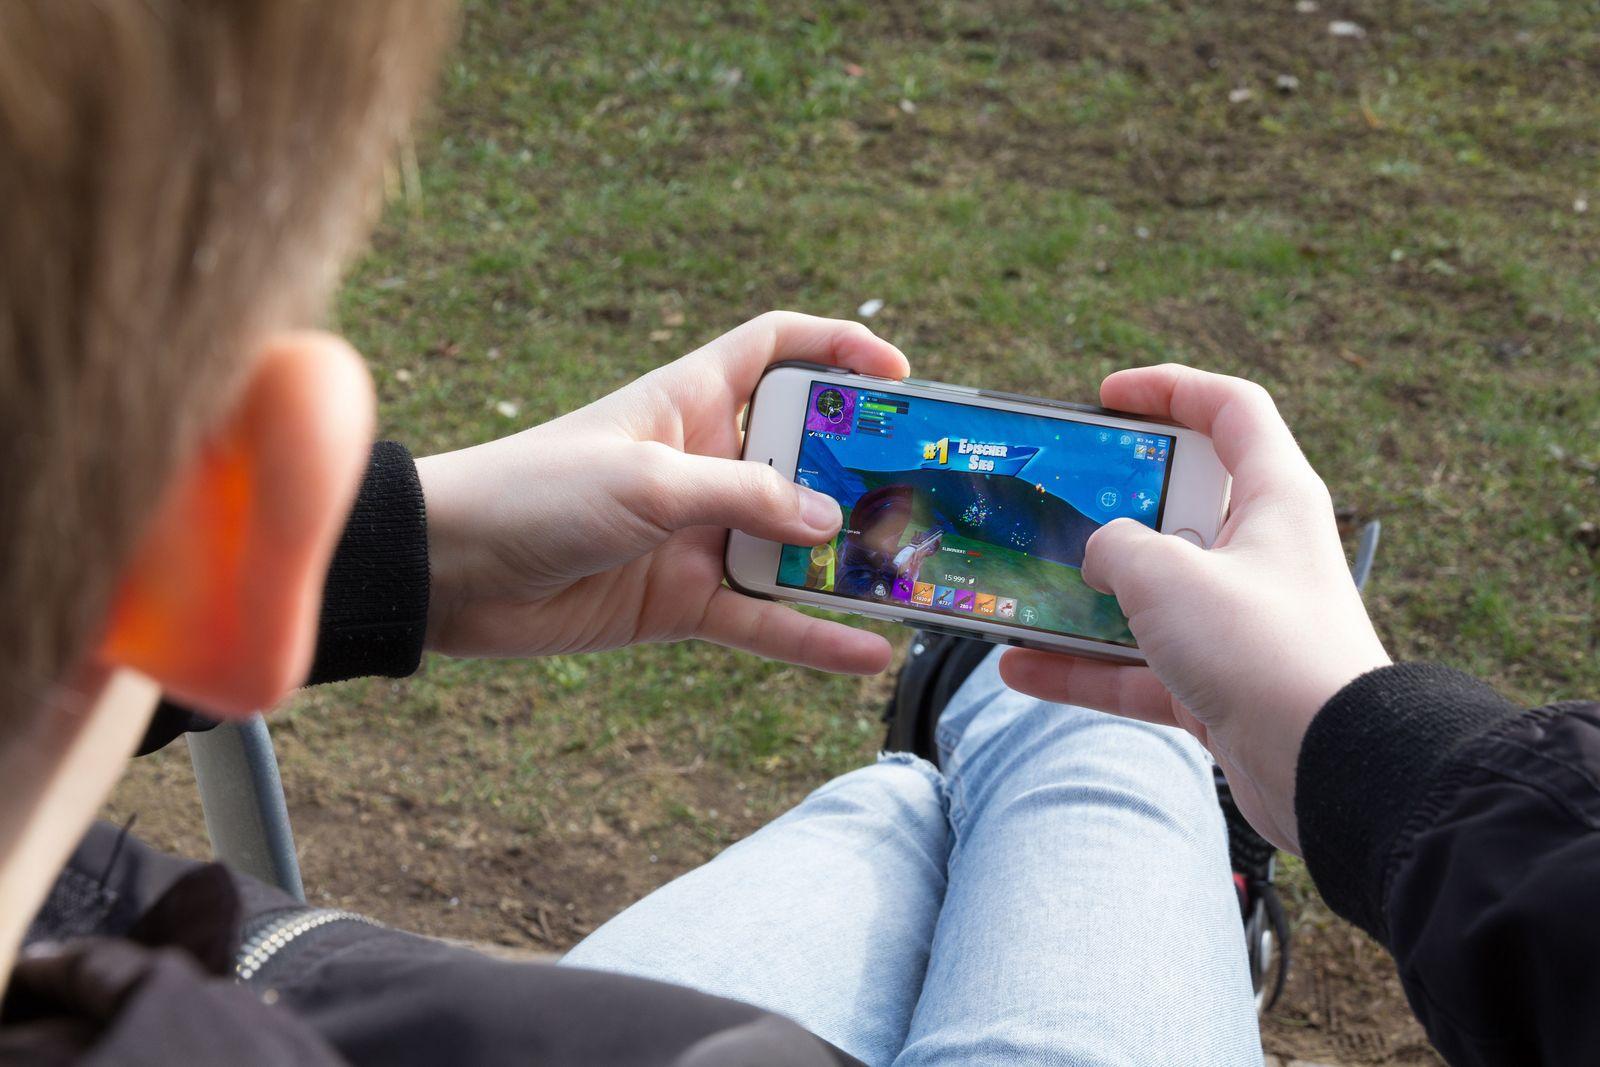 Jugendliche nutzen während Lockdown länger digitale Spiele